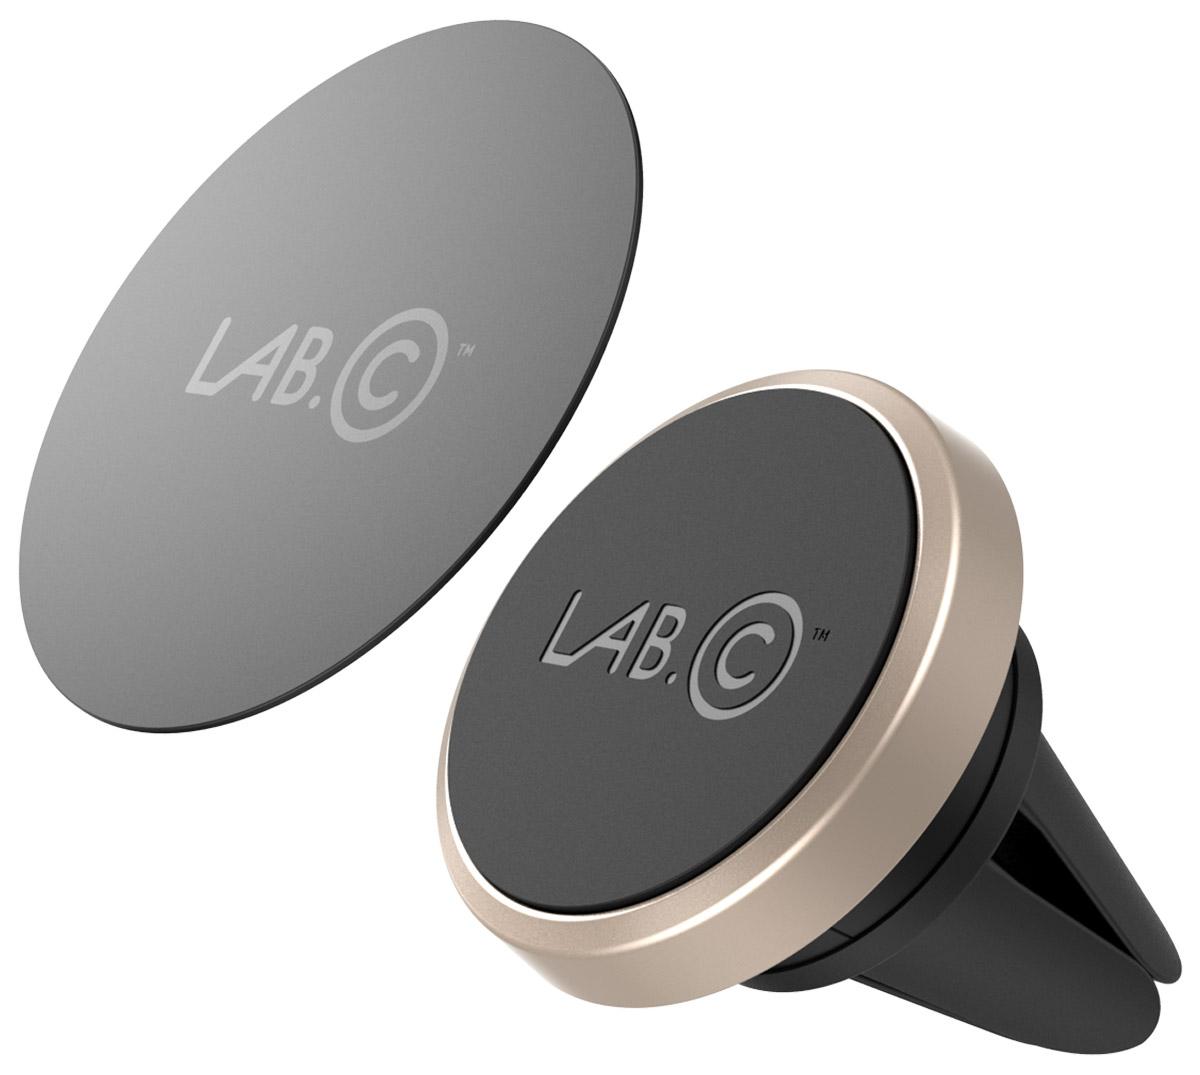 LAB.C Magnetic Air Vent Car Mount, Gold автомобильный держательLABC-597-GDУниверсальный автомобильный магнитный держатель LAB.C Magnetic Air Vent Car Mount прост в использовании. Крепится на вентиляционные отверстия и удерживает устройства при помощи мощного неодимового магнита. В комплекте специальная металлическая пластина, которая подойдет на любое устройство с гладкой плоской поверхностью, например: смартфоны, GPS-навигаторы, MP3-плееры и другое.